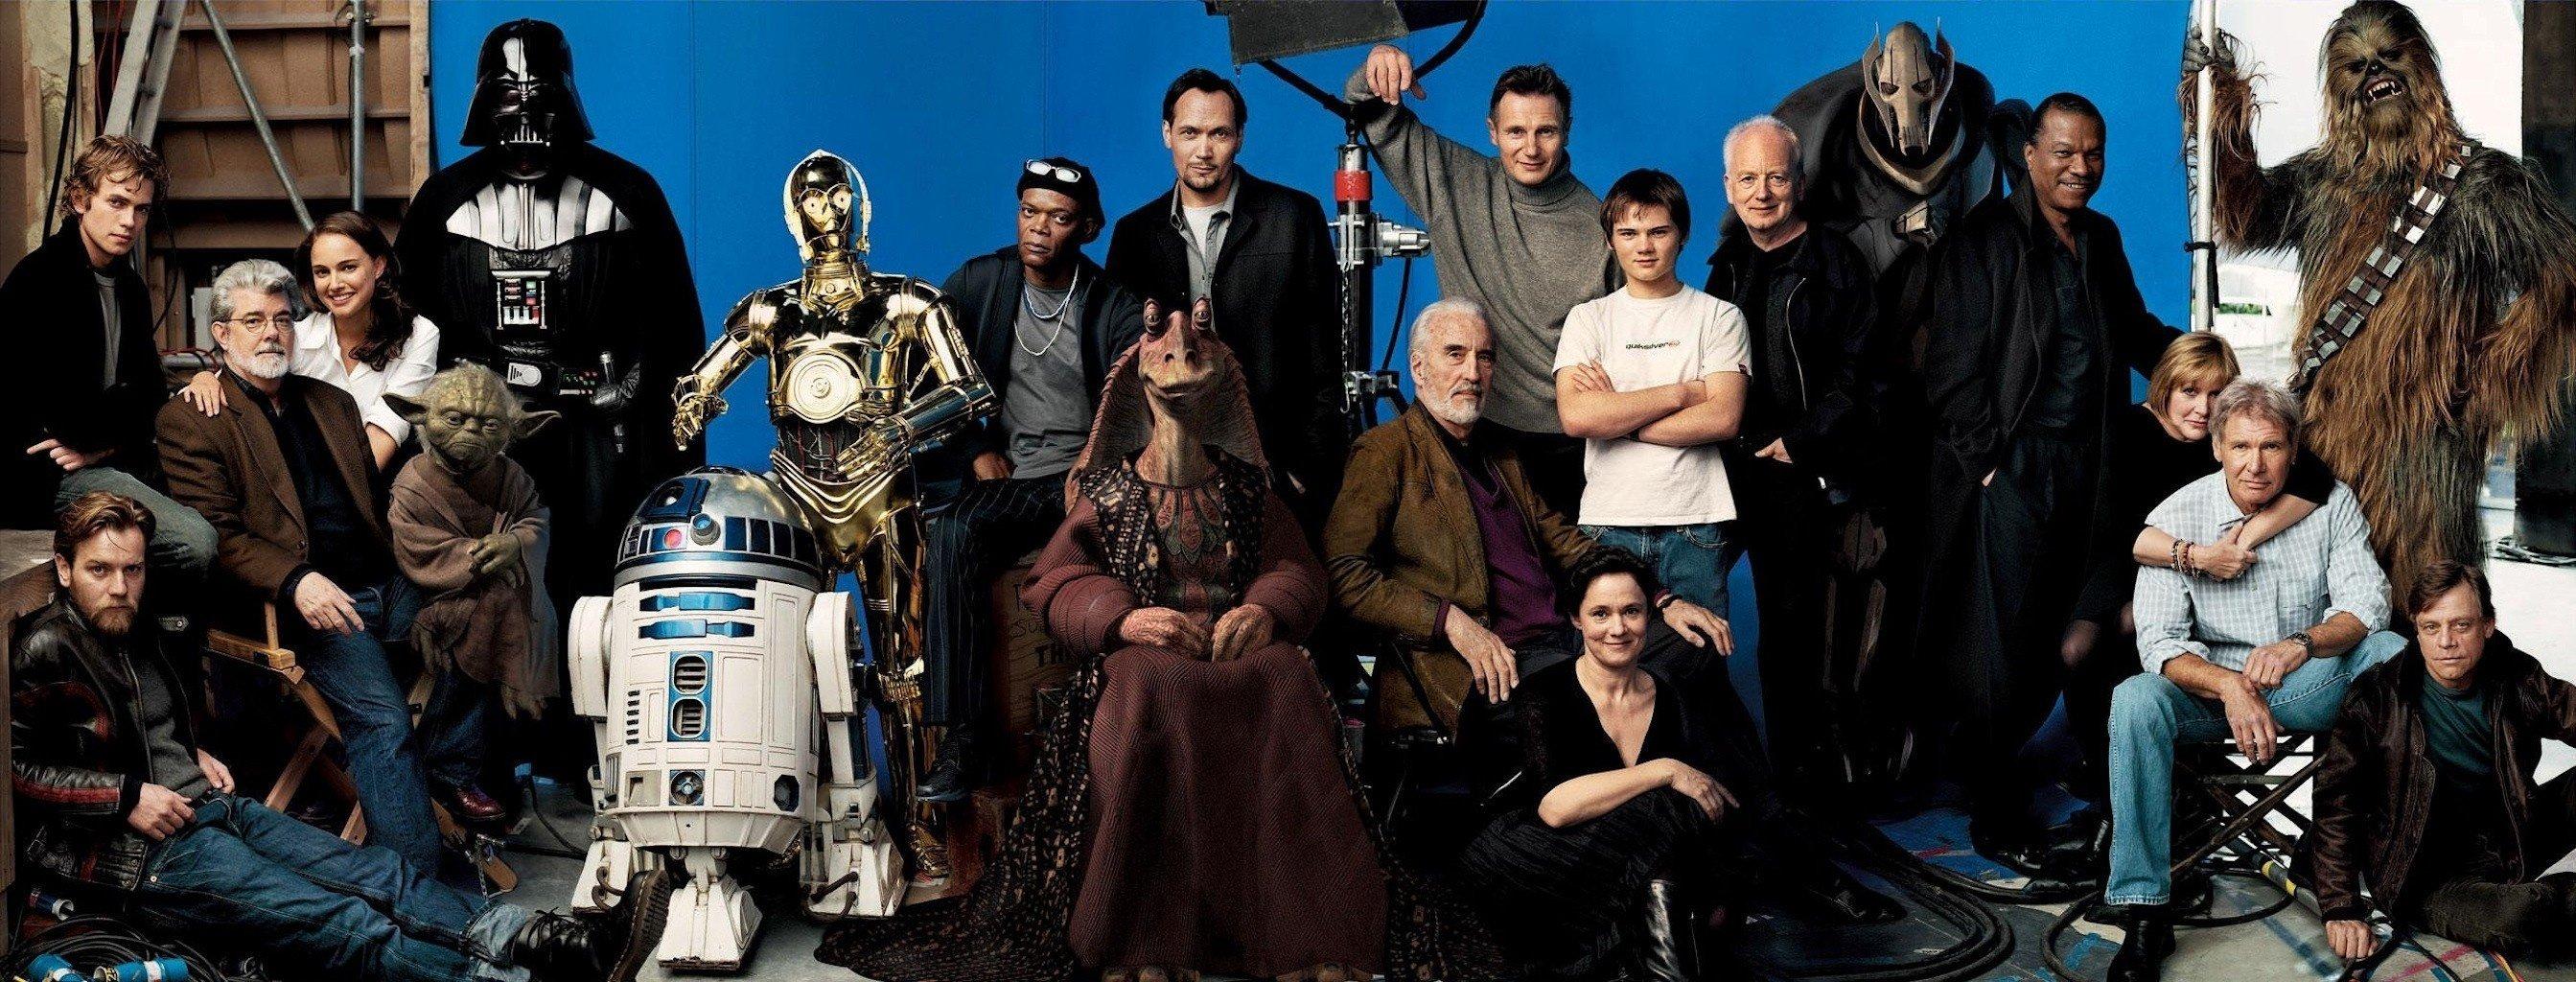 """Это было звездато. Рецензия на """"Звёздные войны: Пробуждение силы"""" - Изображение 3"""